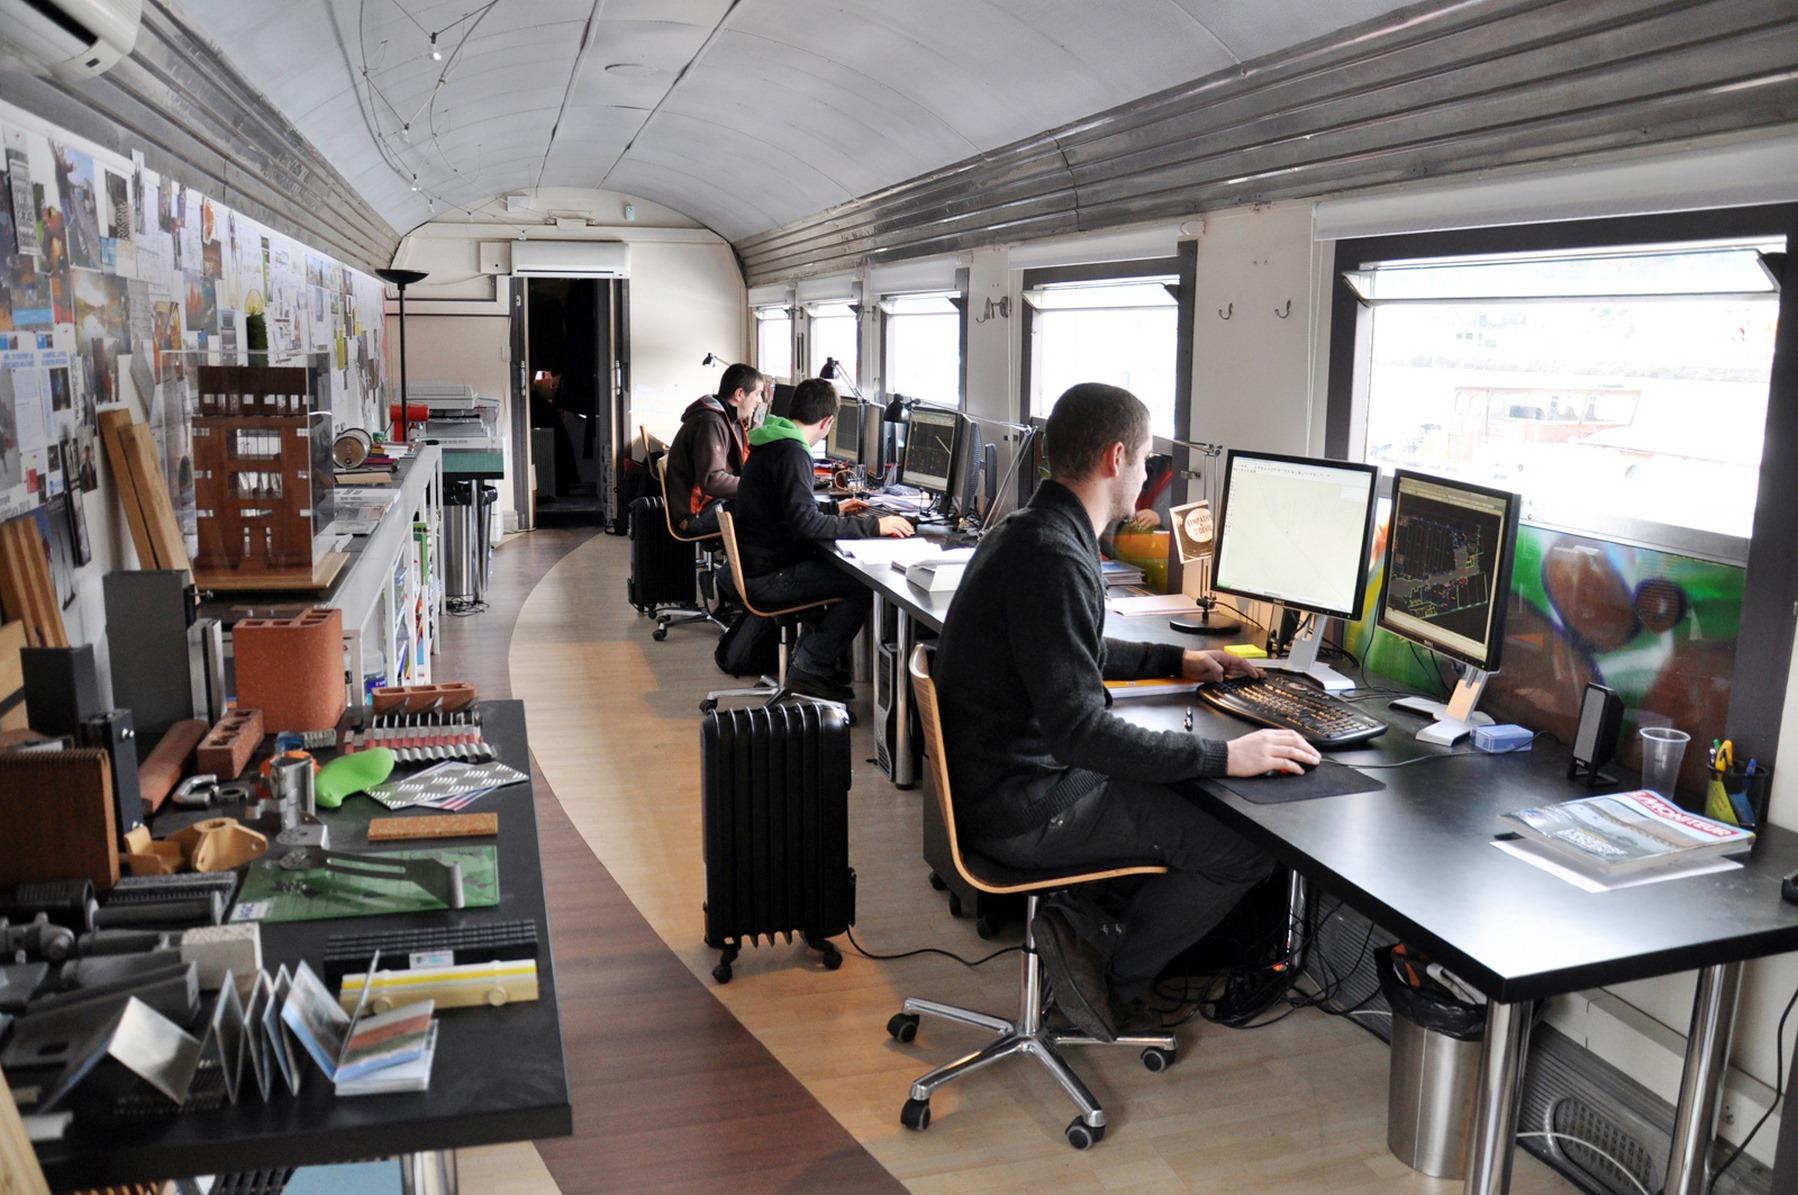 Agence d'architecture dans wagon SNCF - Sucrière - Lyon Confluence - Z Architecture